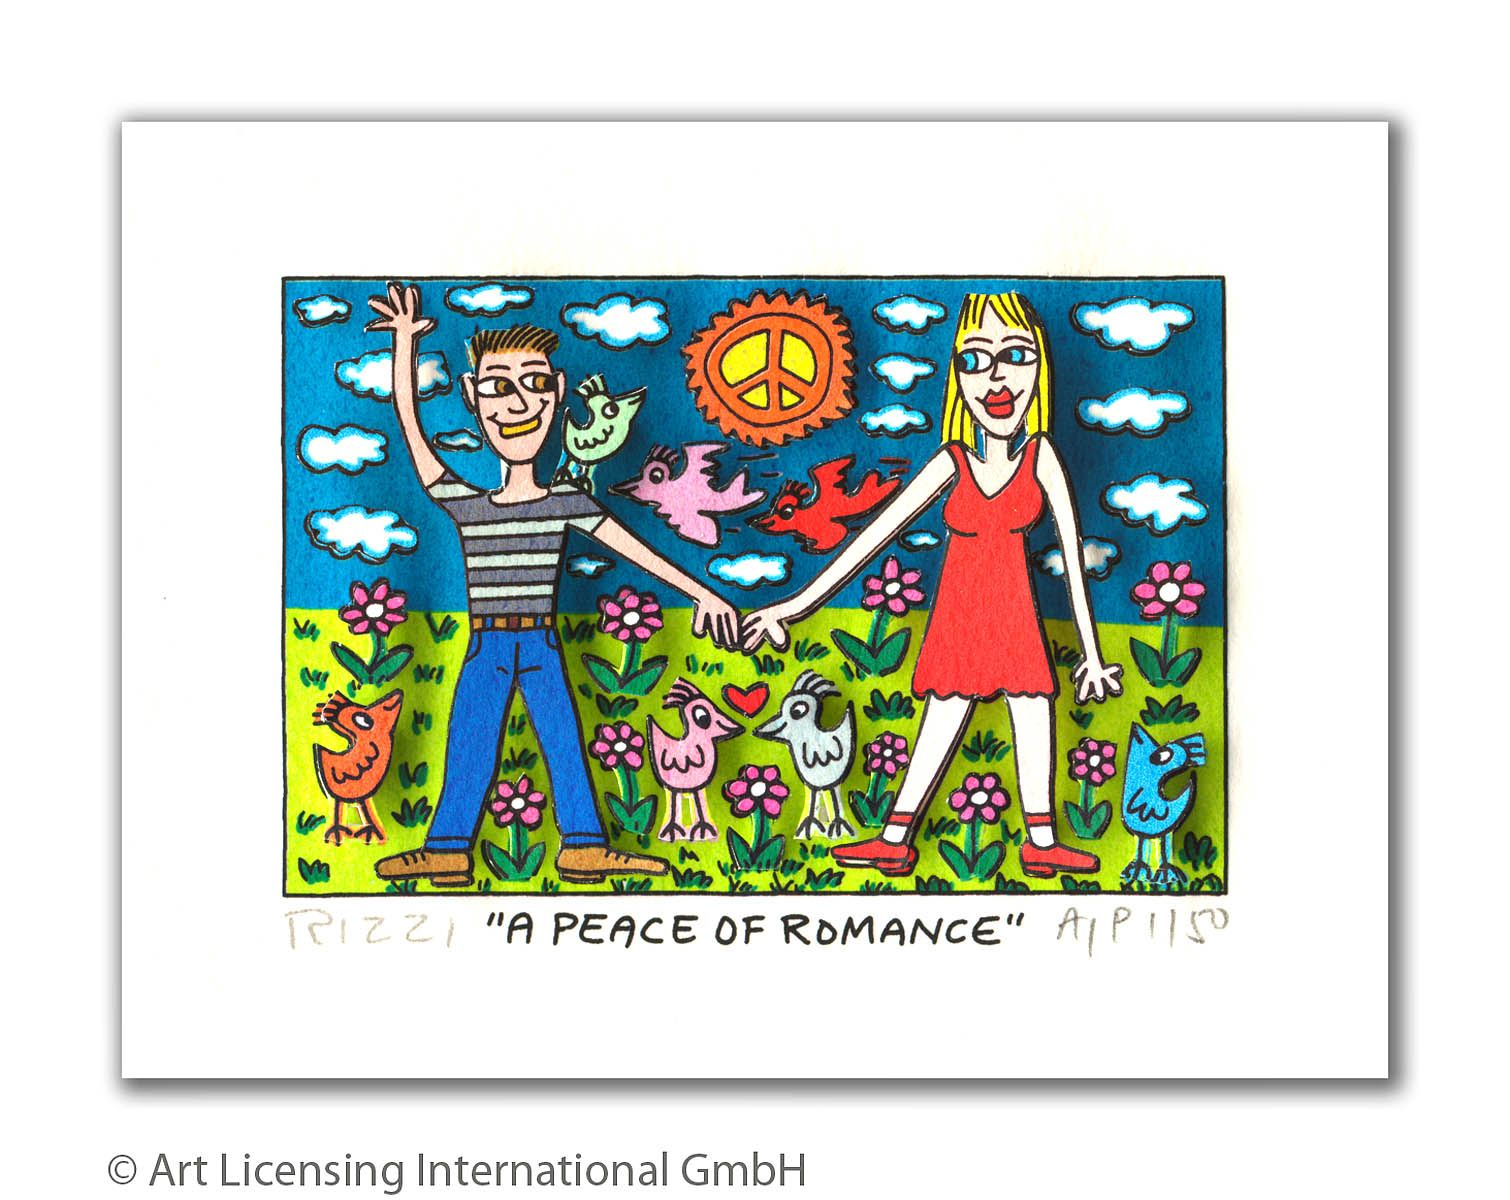 James Rizzi - A PEACE OF ROMANCE